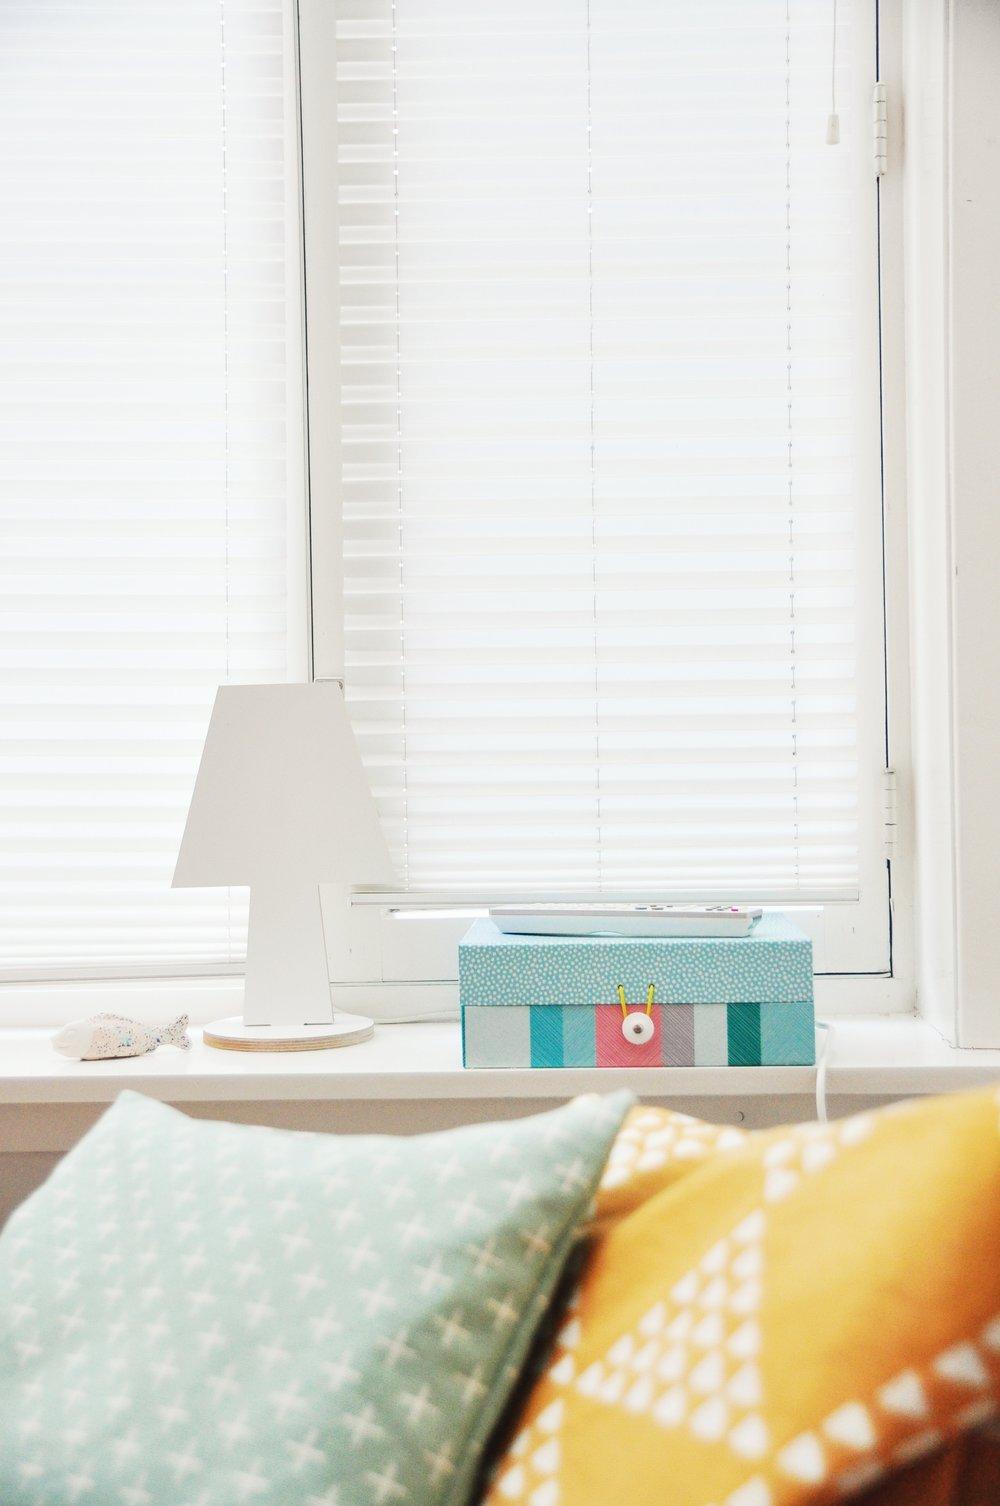 Hacé de cuenta que estás ordenando tu casa //Ph: Irene van der Poel en  Unsplash